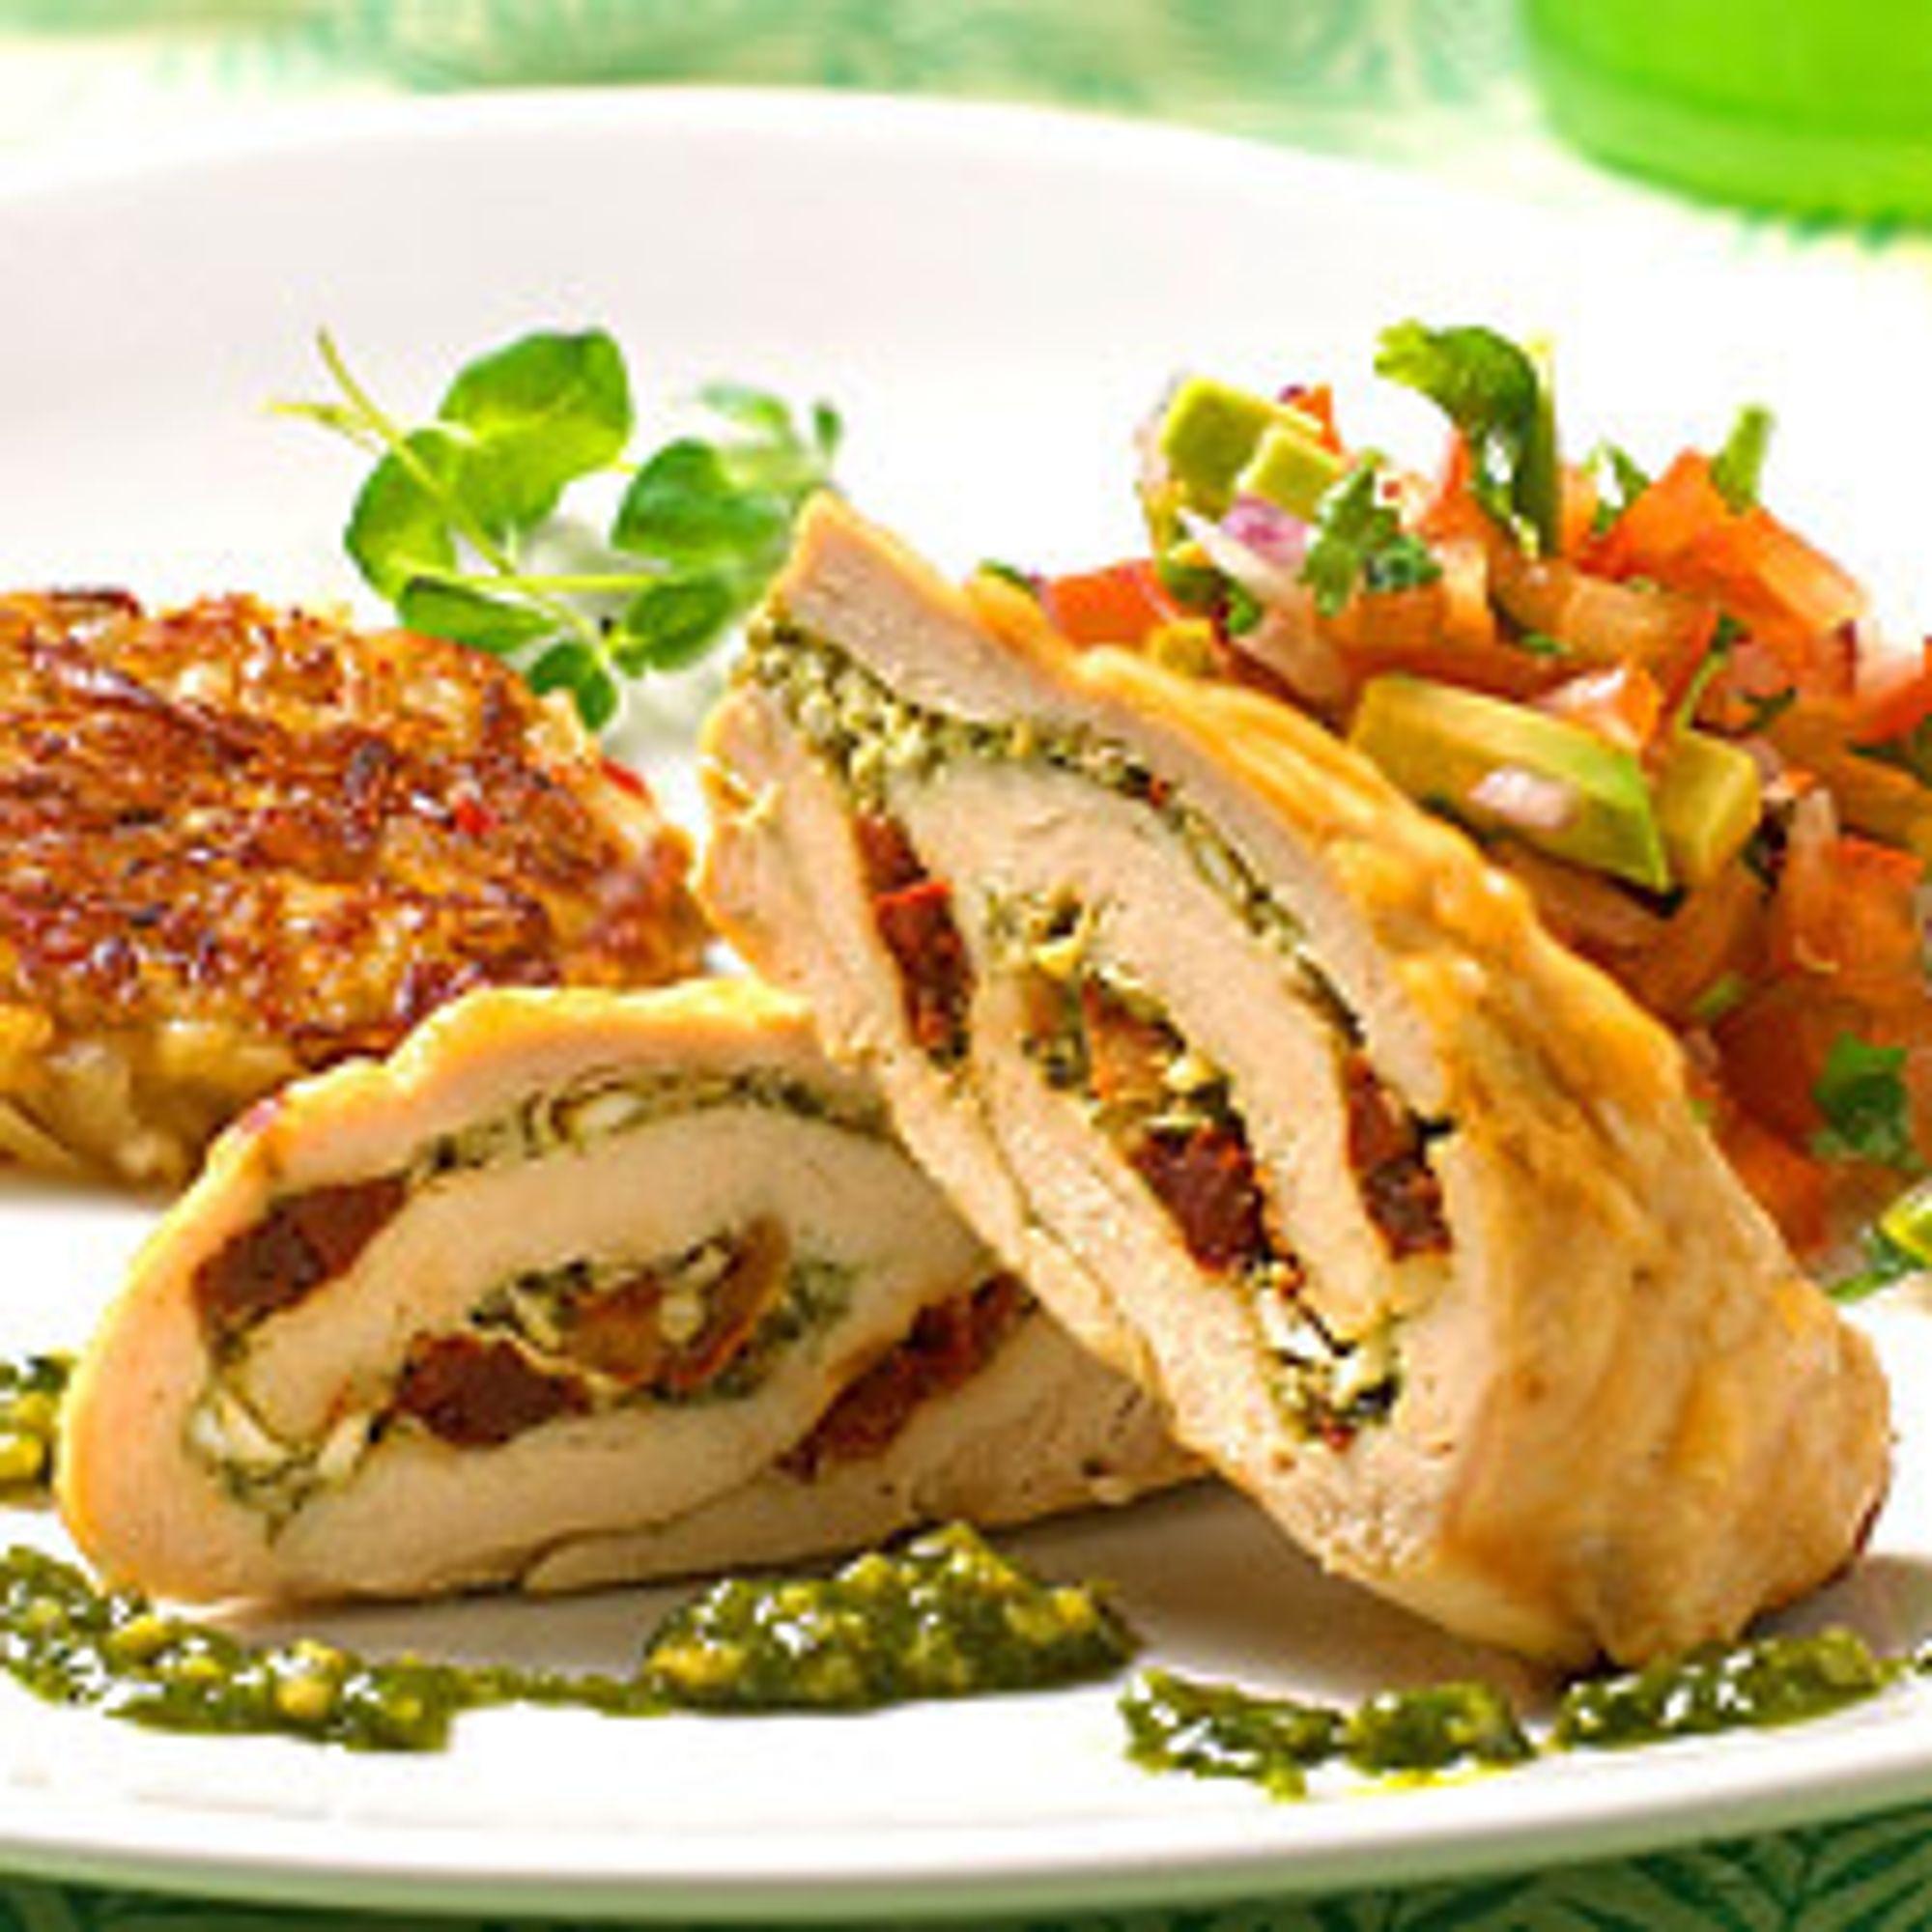 Lardostekt kyllingbryst med mandel- og fløtesaus